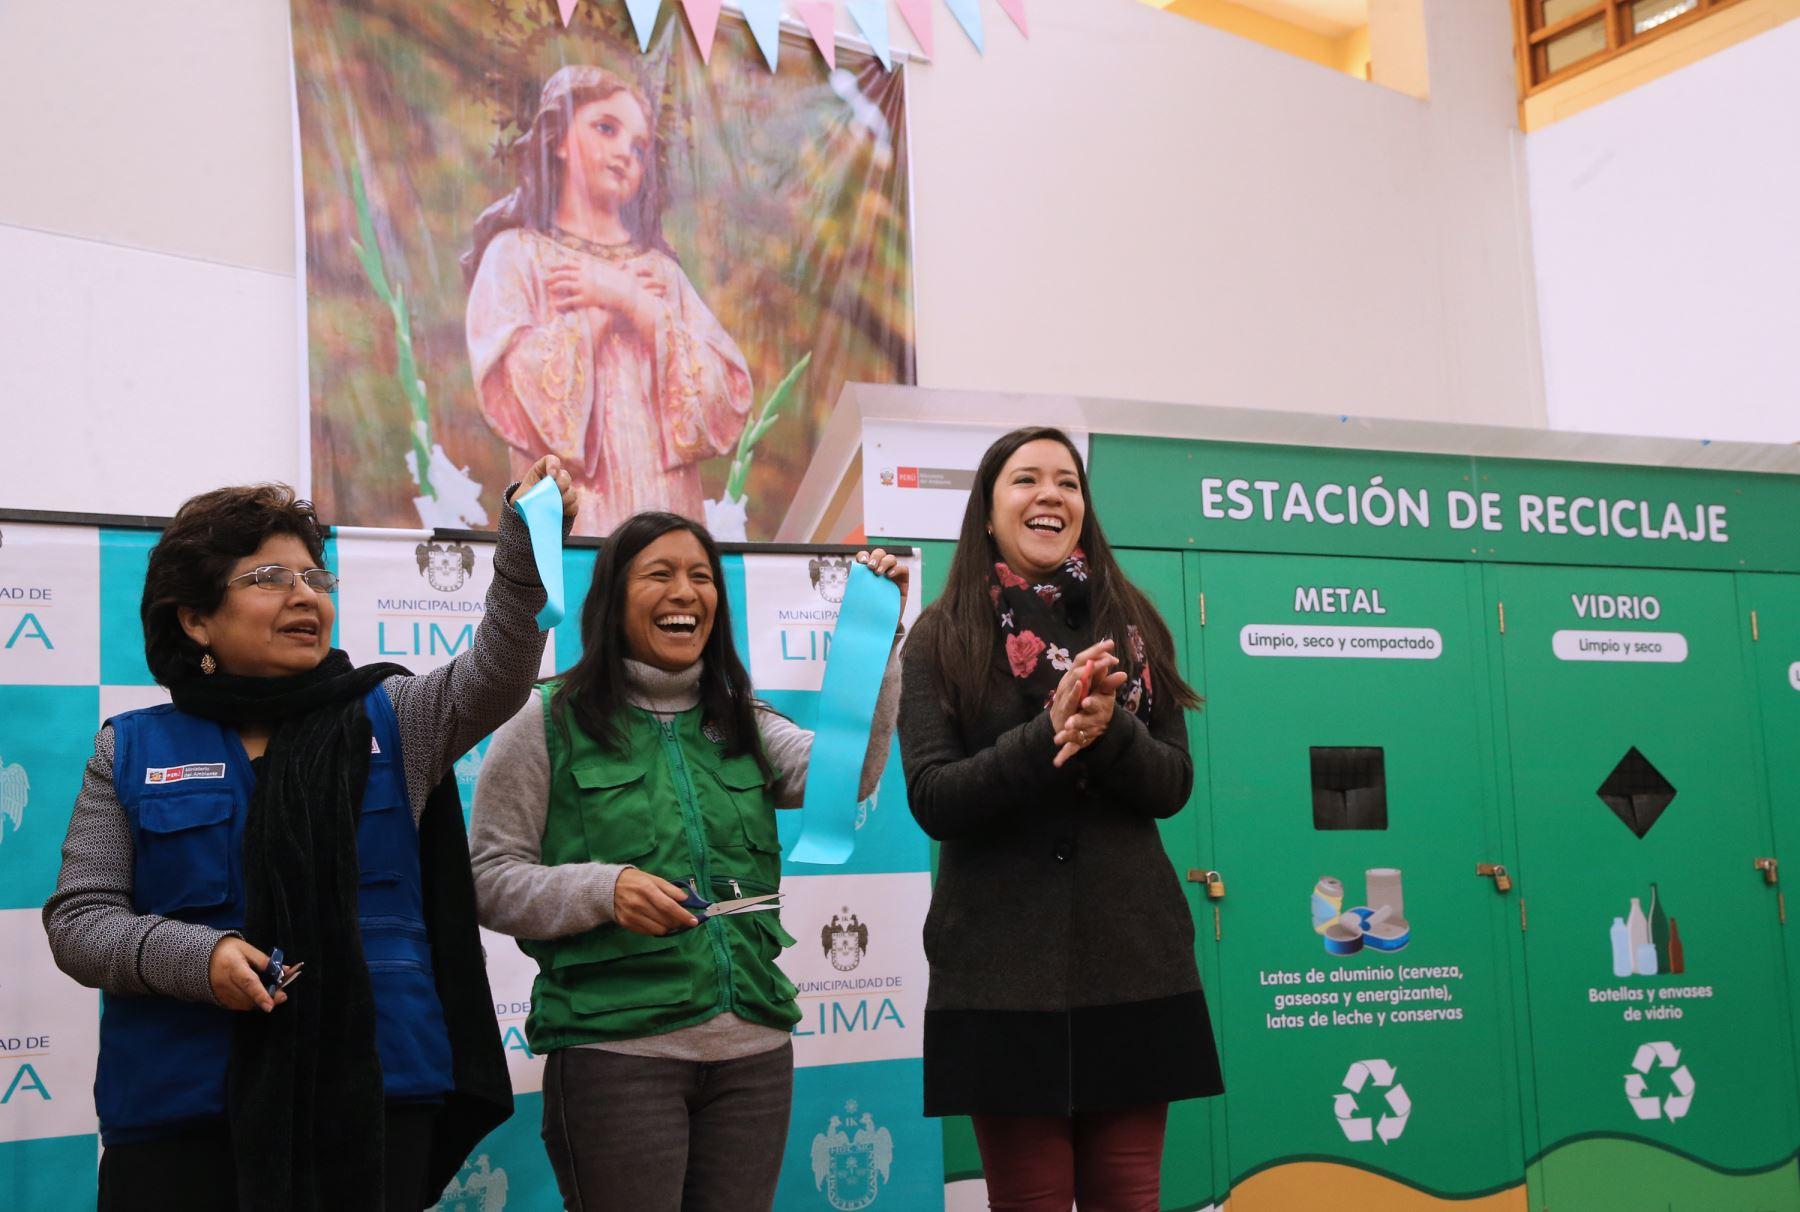 Sonia Araníbar Directora General de Gestión Ambiental del MINAM  ,Ximena Giraldo Gerente de Servicios de la Ciudad y Gestión Ambiental de MML y Paloma Roldan ONG ciudad saludable  .Foto: ANDINA/Norman Córdova